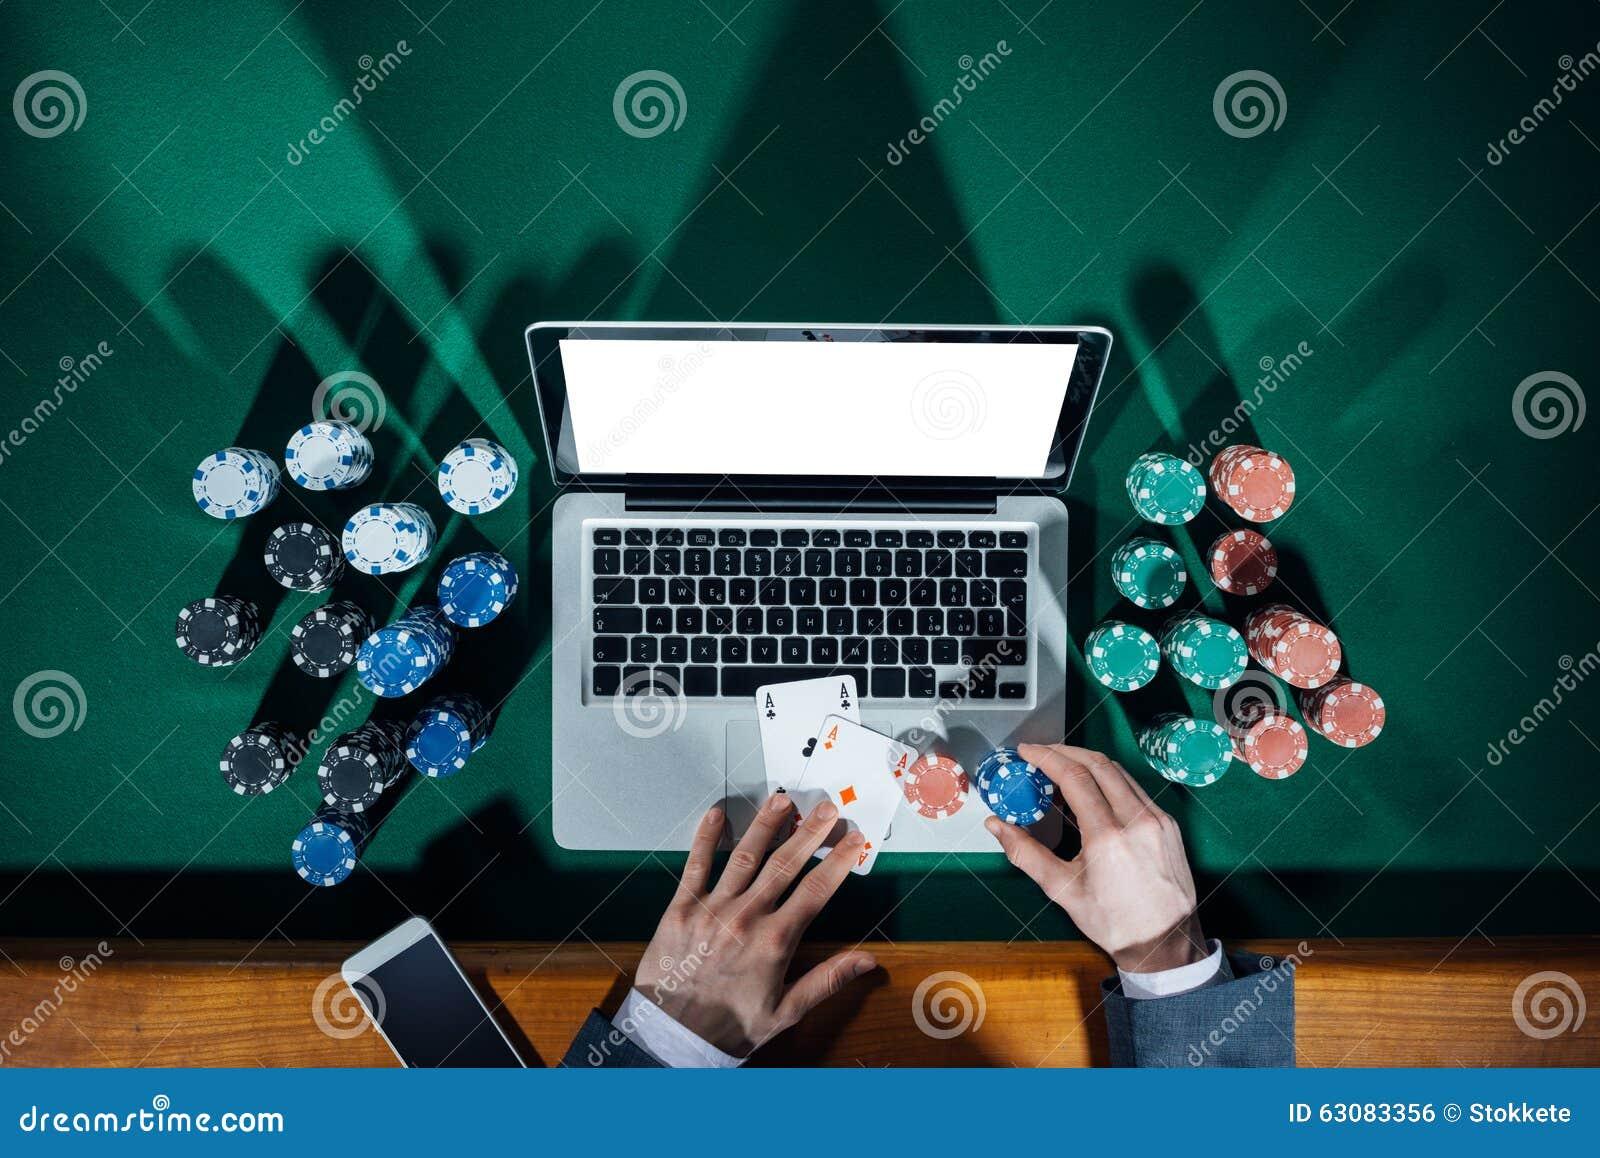 Download Joueur de poker en ligne photo stock. Image du luxe, élégant - 63083356